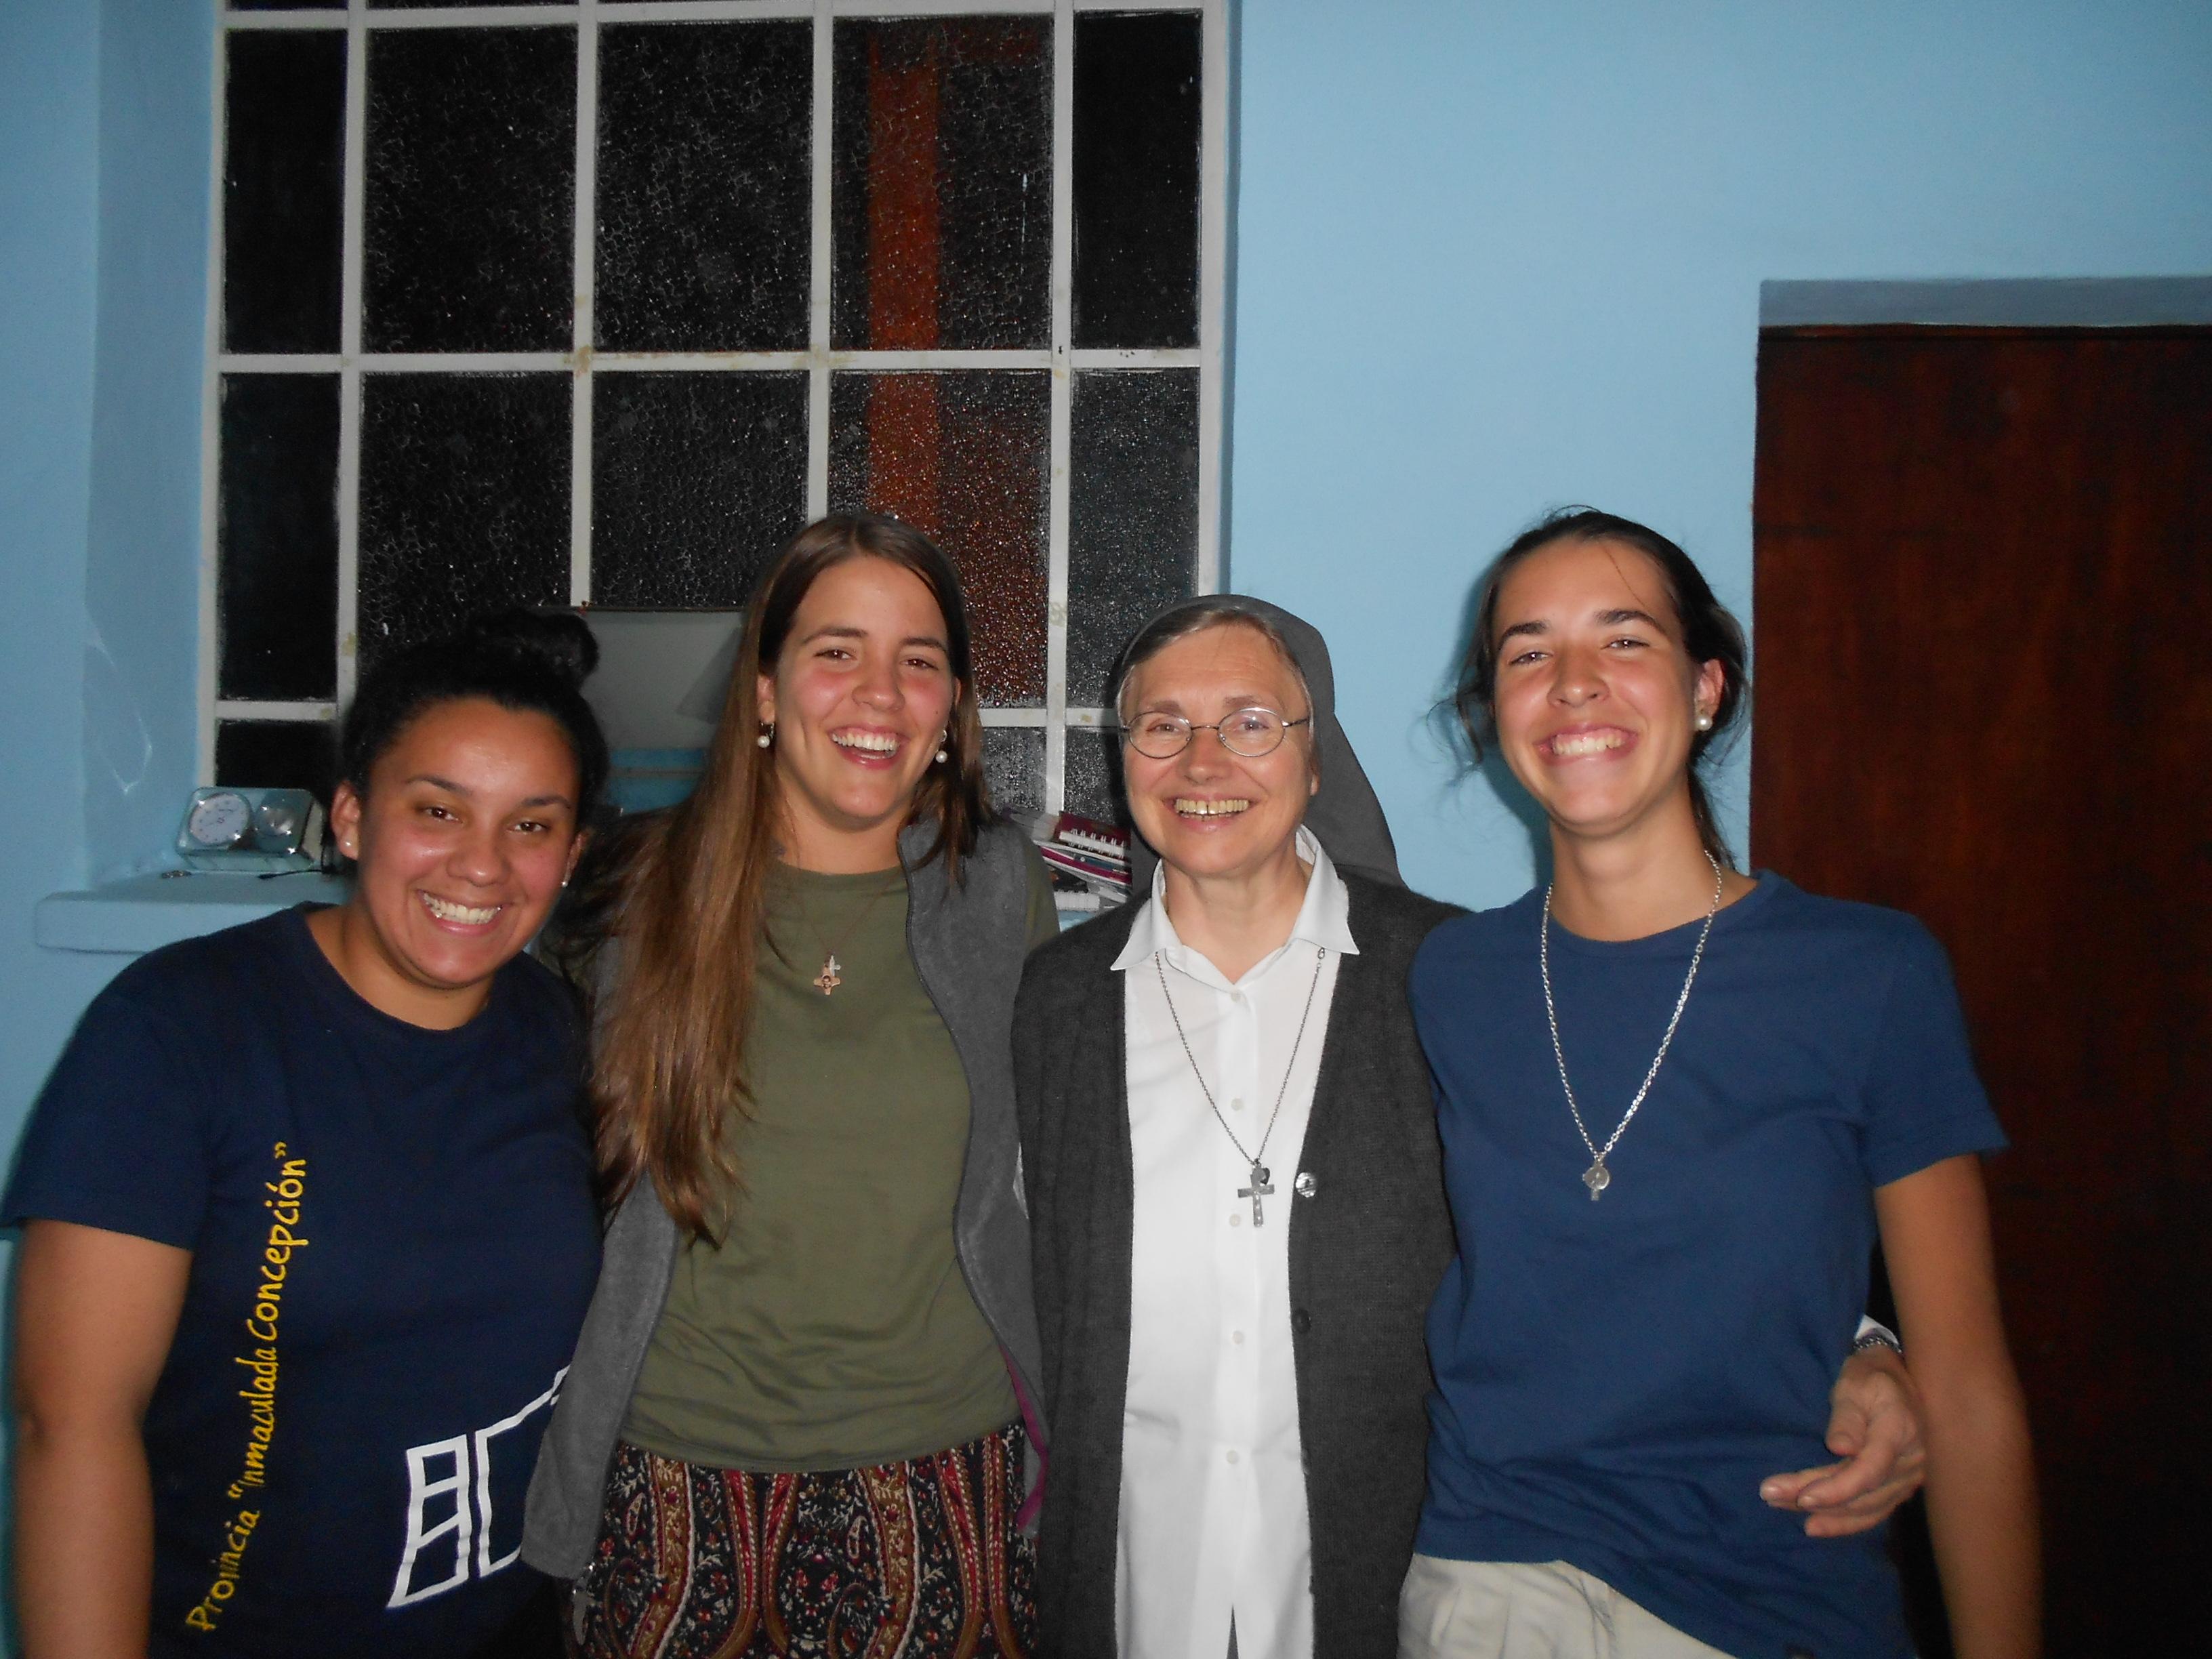 Photo: Sor Mira con las jóvenes voluntarias de San Lorenzo: Nancy, Pilar y Maite.